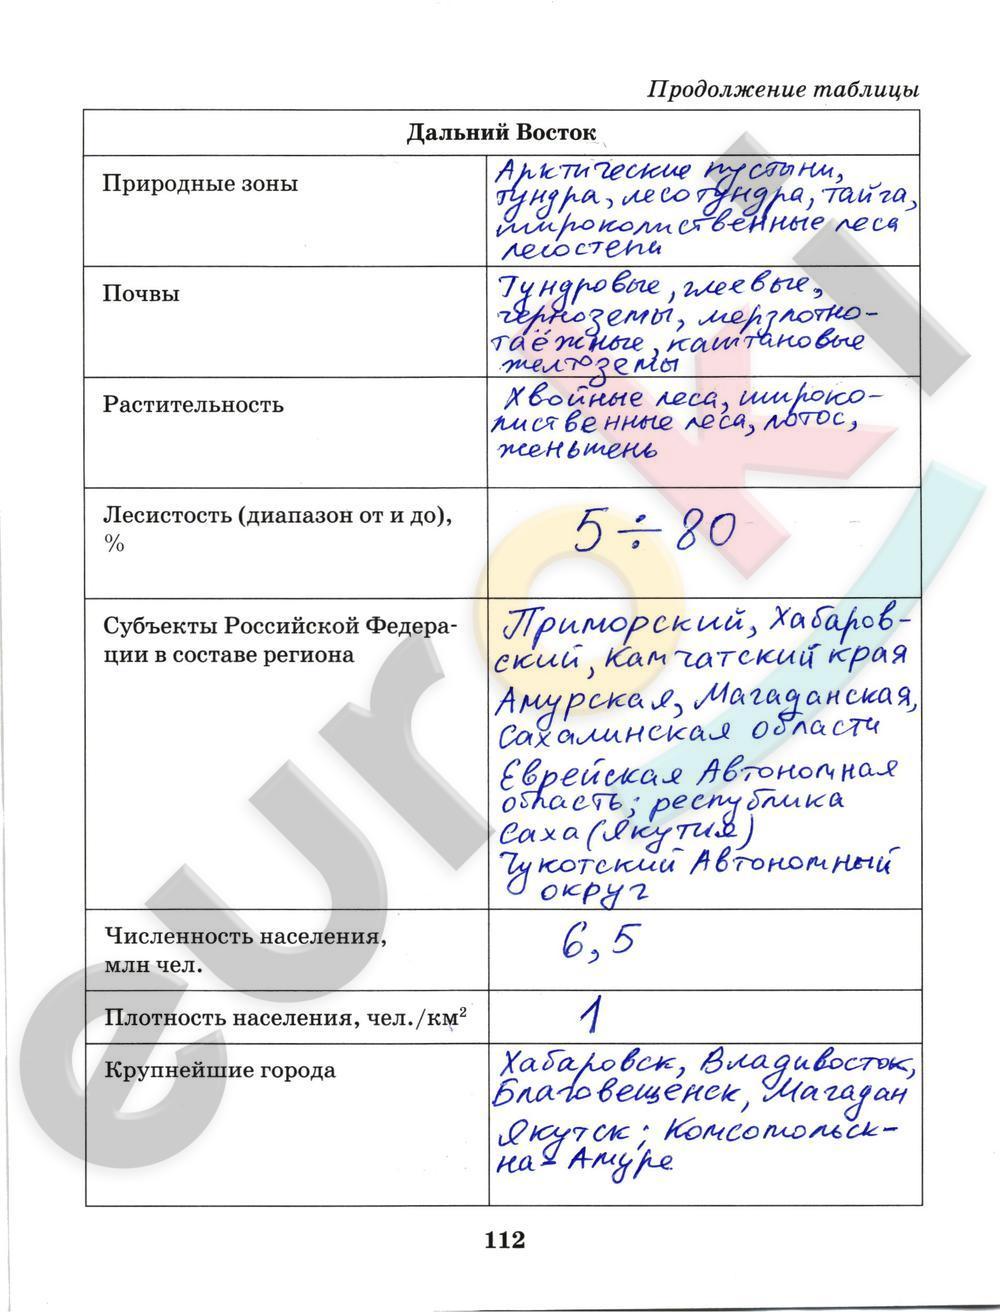 ГДЗ по географии 9 класс рабочая тетрадь Домогацких Часть 1, 2. Задание: стр. 112